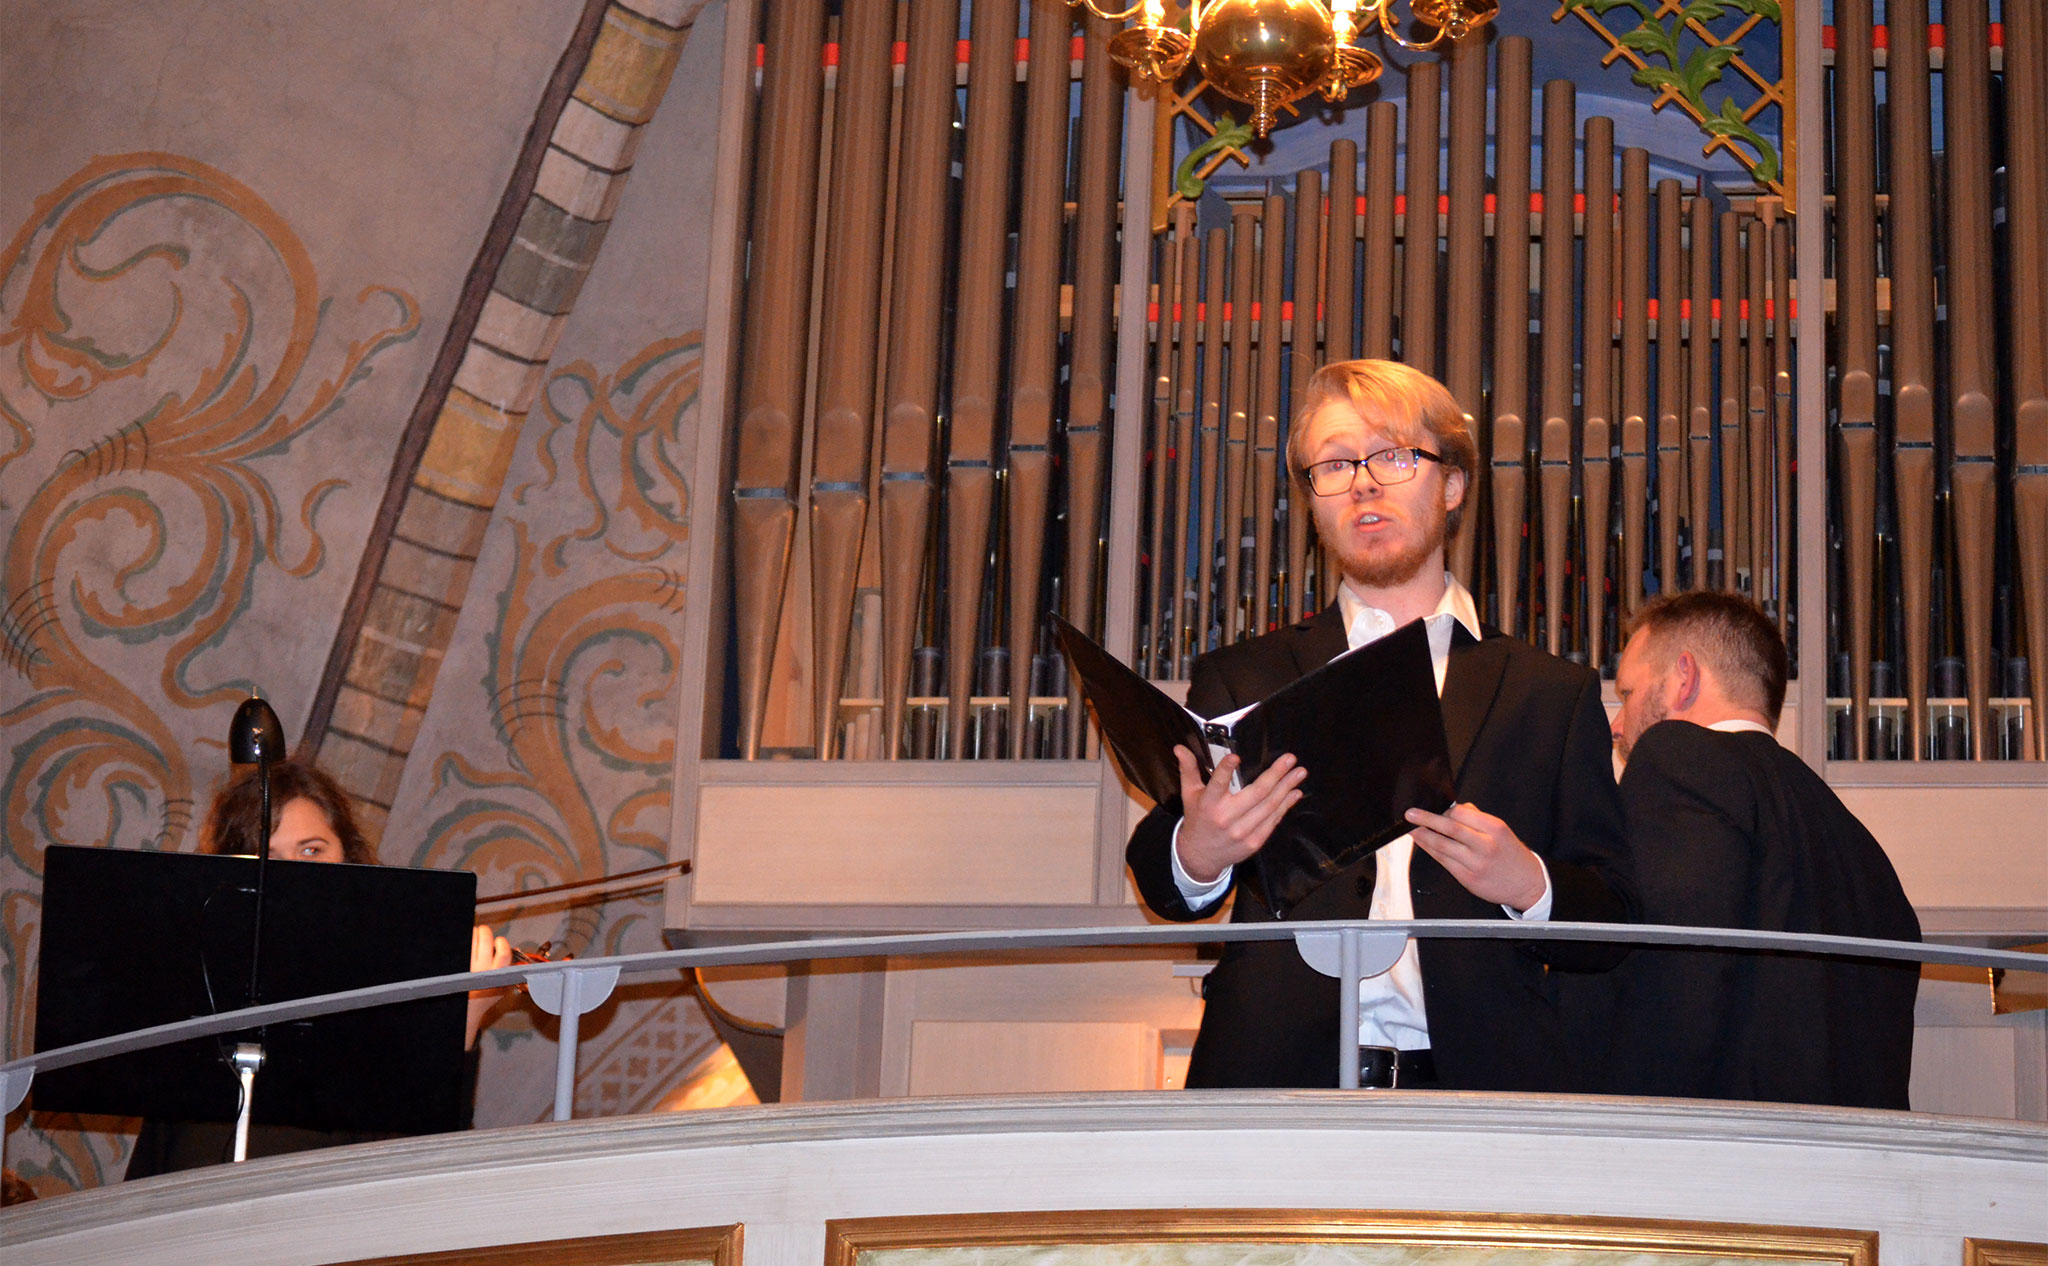 Sångare på balkong i kyrka. Orgel i bakgrunden.